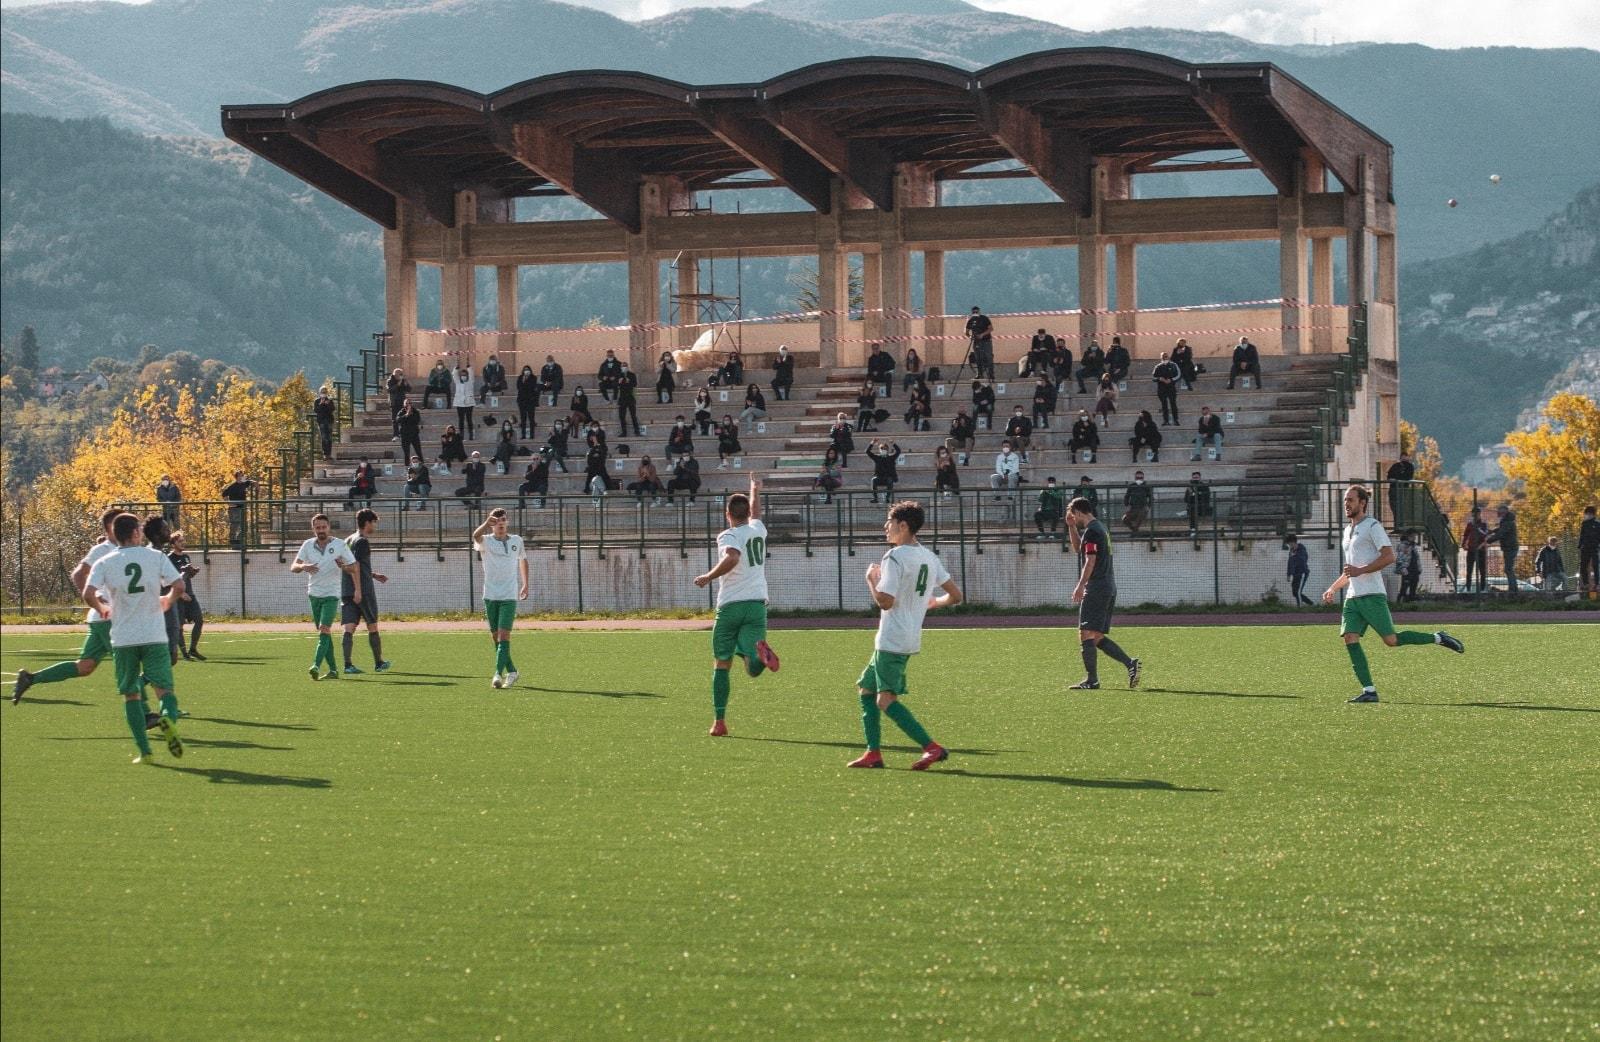 """Campionato di promozione, il Sindaco Giovagnorio: """"Ora il Tagliacozzo può giocare in uno degli stadi più belli d'Abruzzo: il """"Luca Poggi"""" in località Sant'Onofrio"""""""